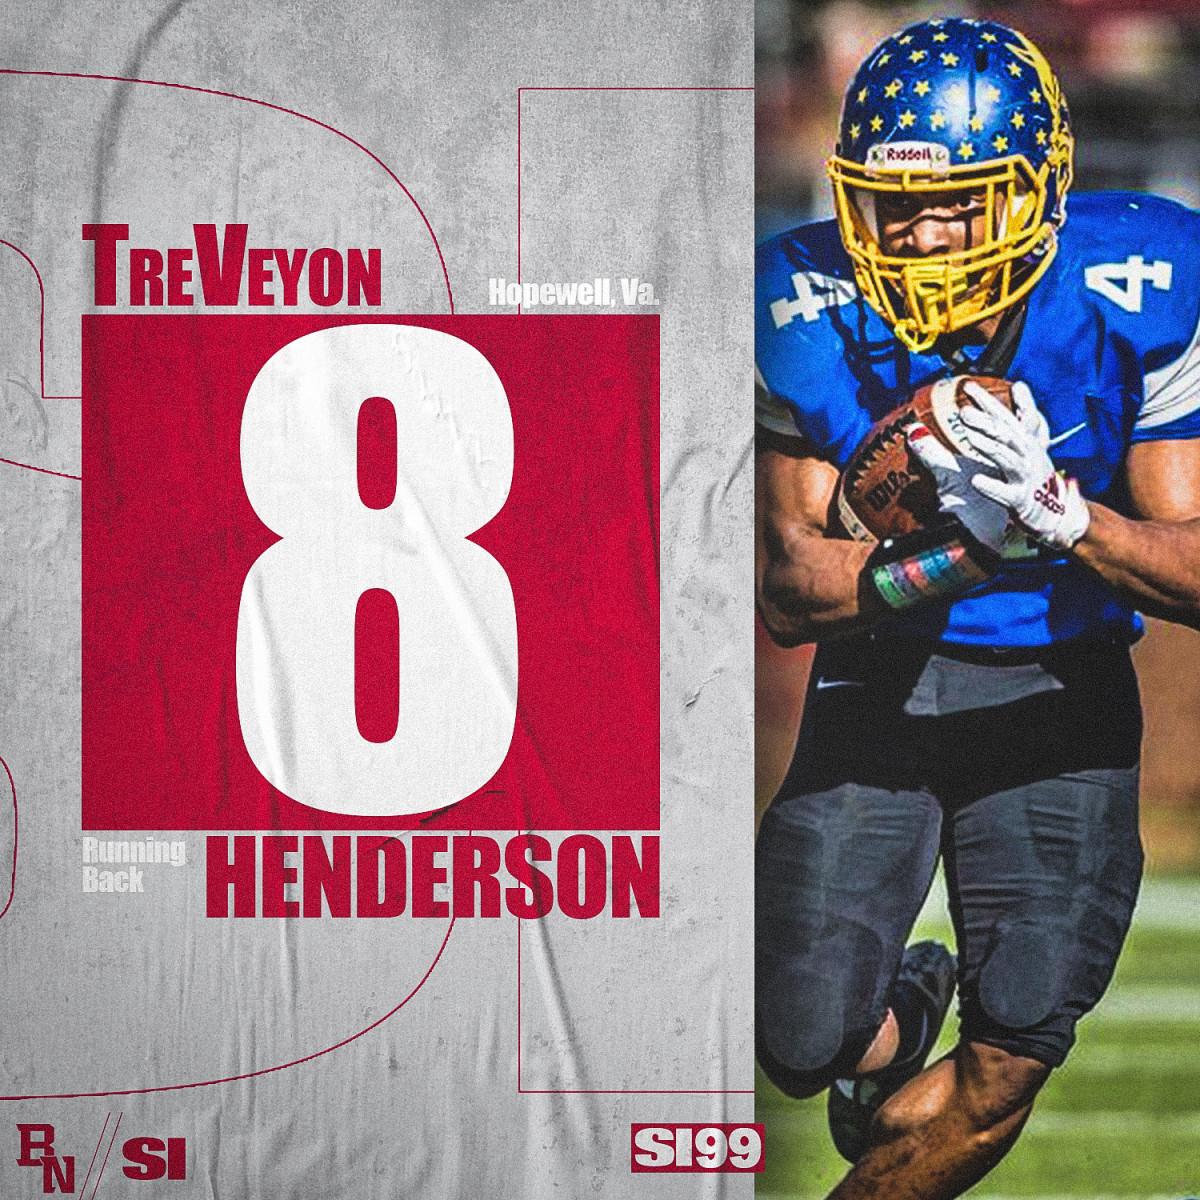 TreVeyon_Henderson